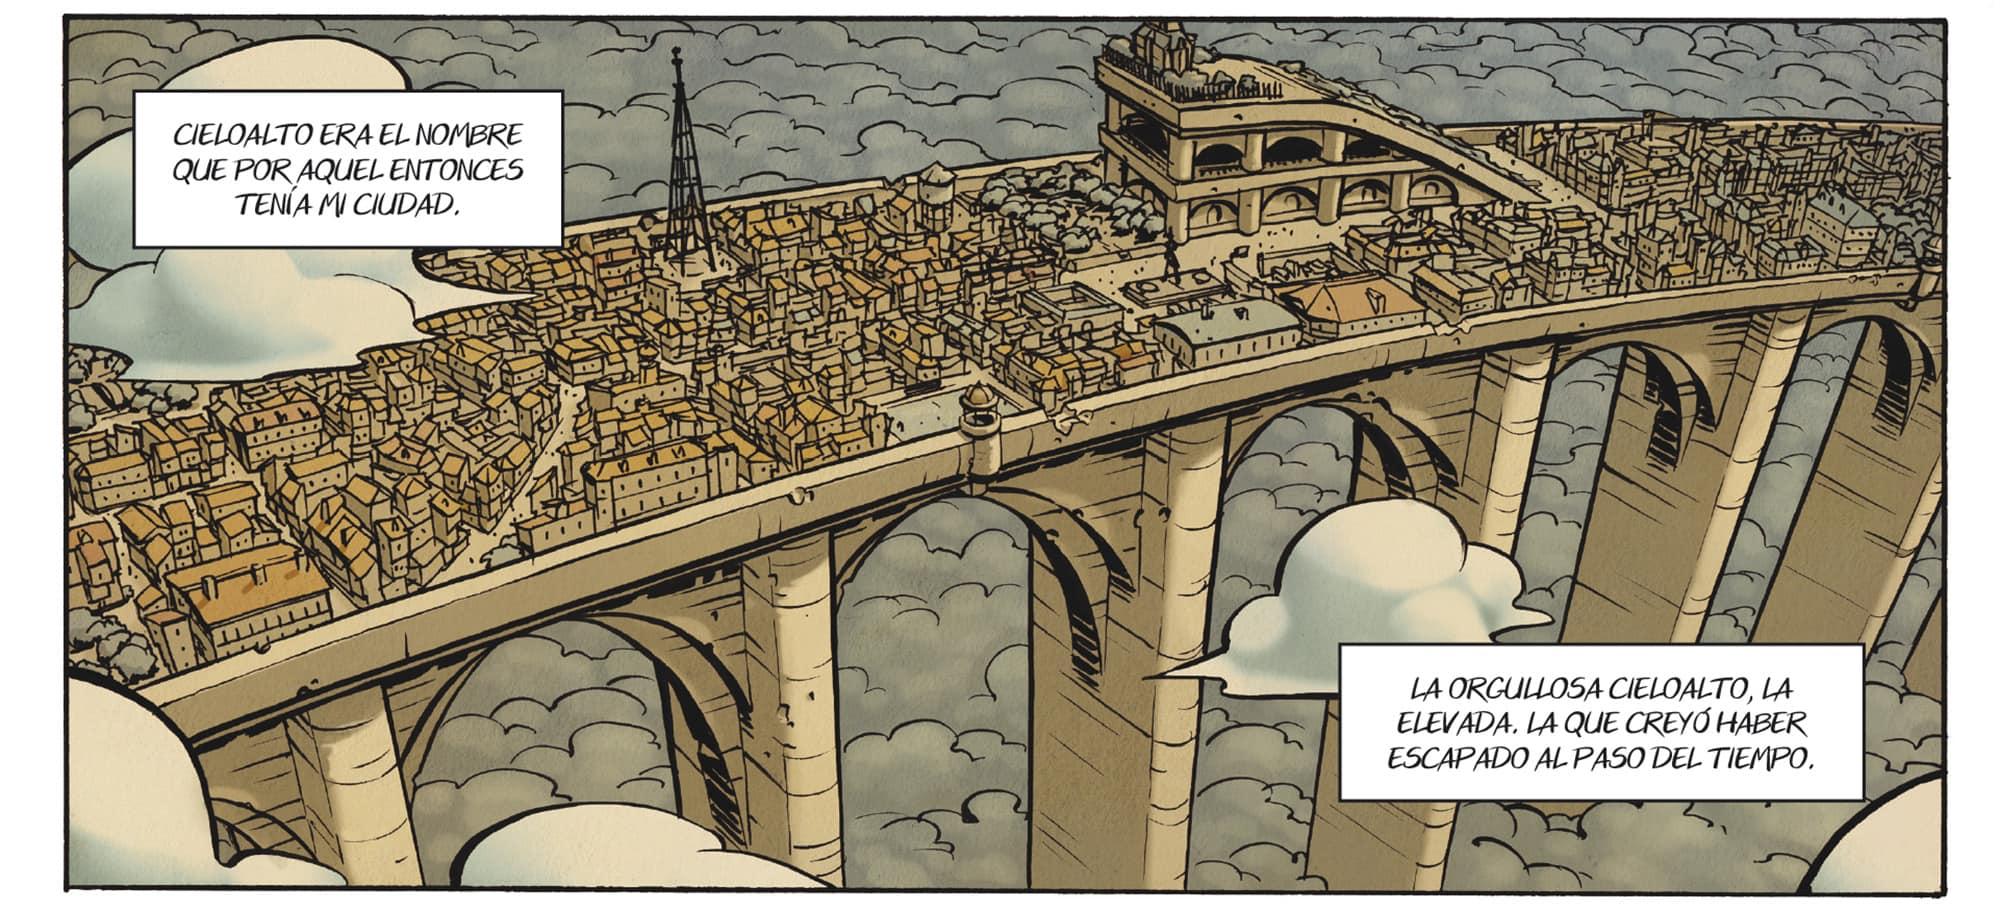 La ciudad de Cieloalto, el gran puente interminable